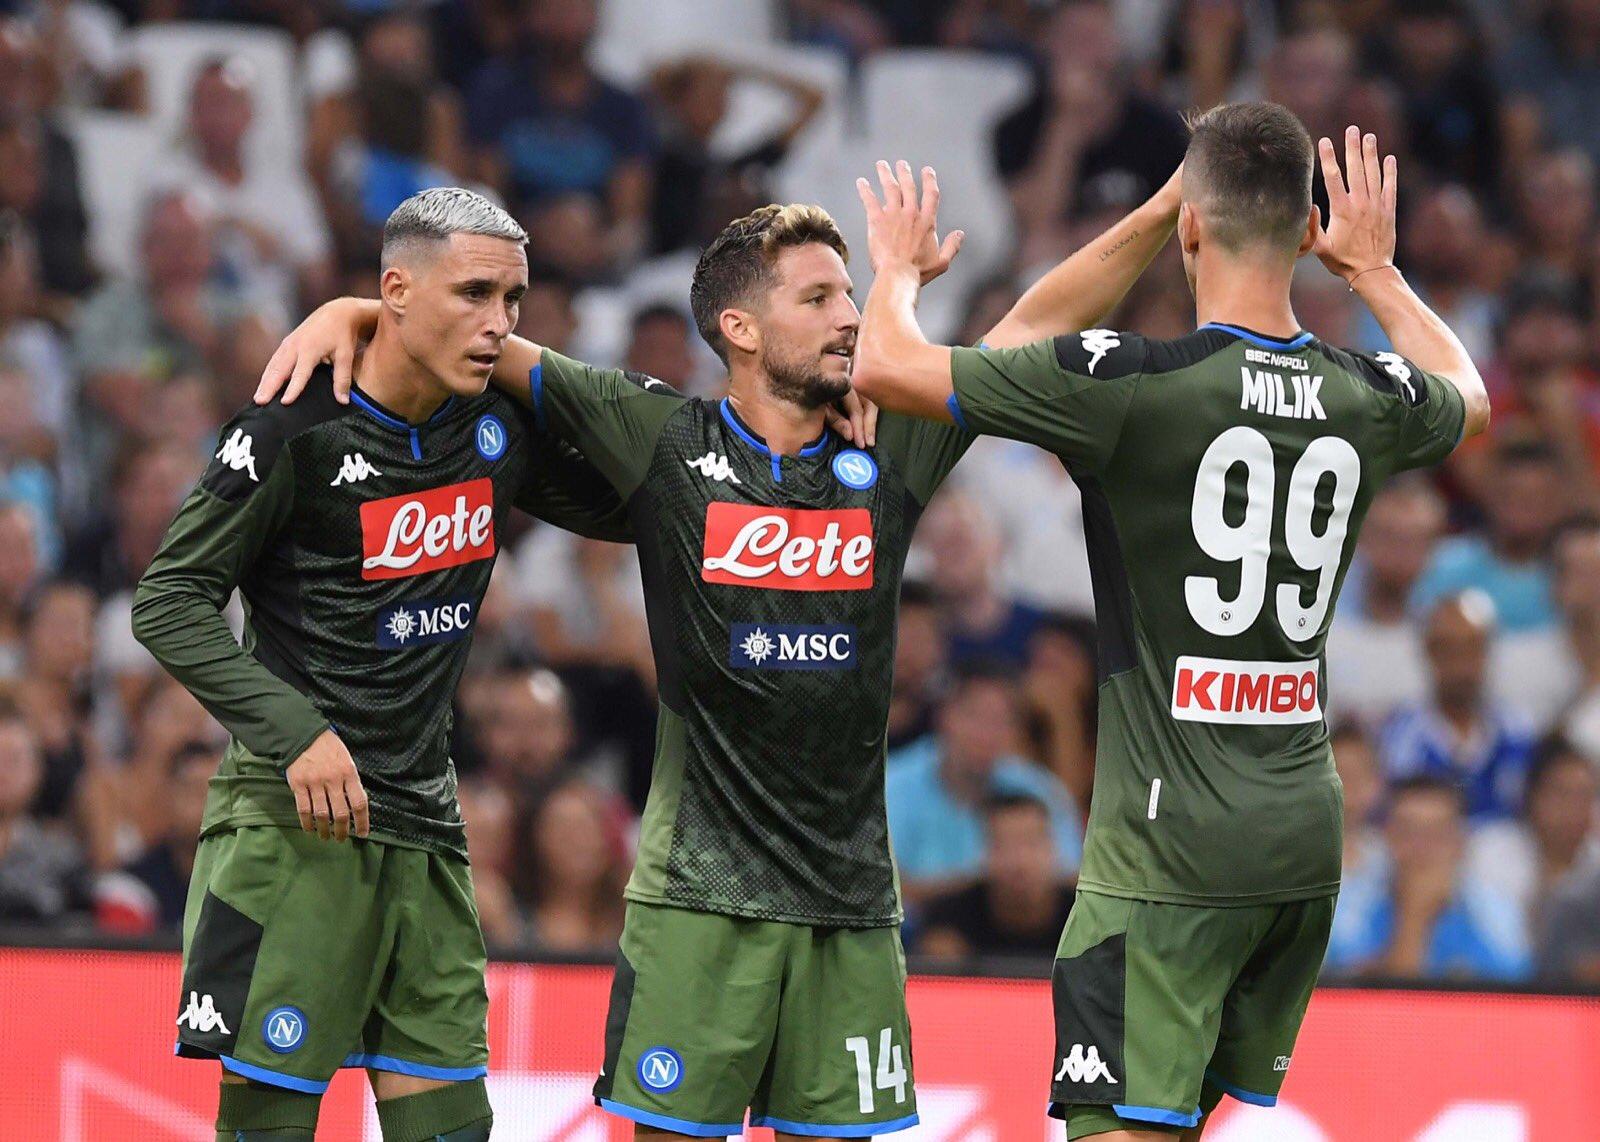 Il Napoli dovrà cambiare l'attacco e non sa ancora bene cosa mettersi